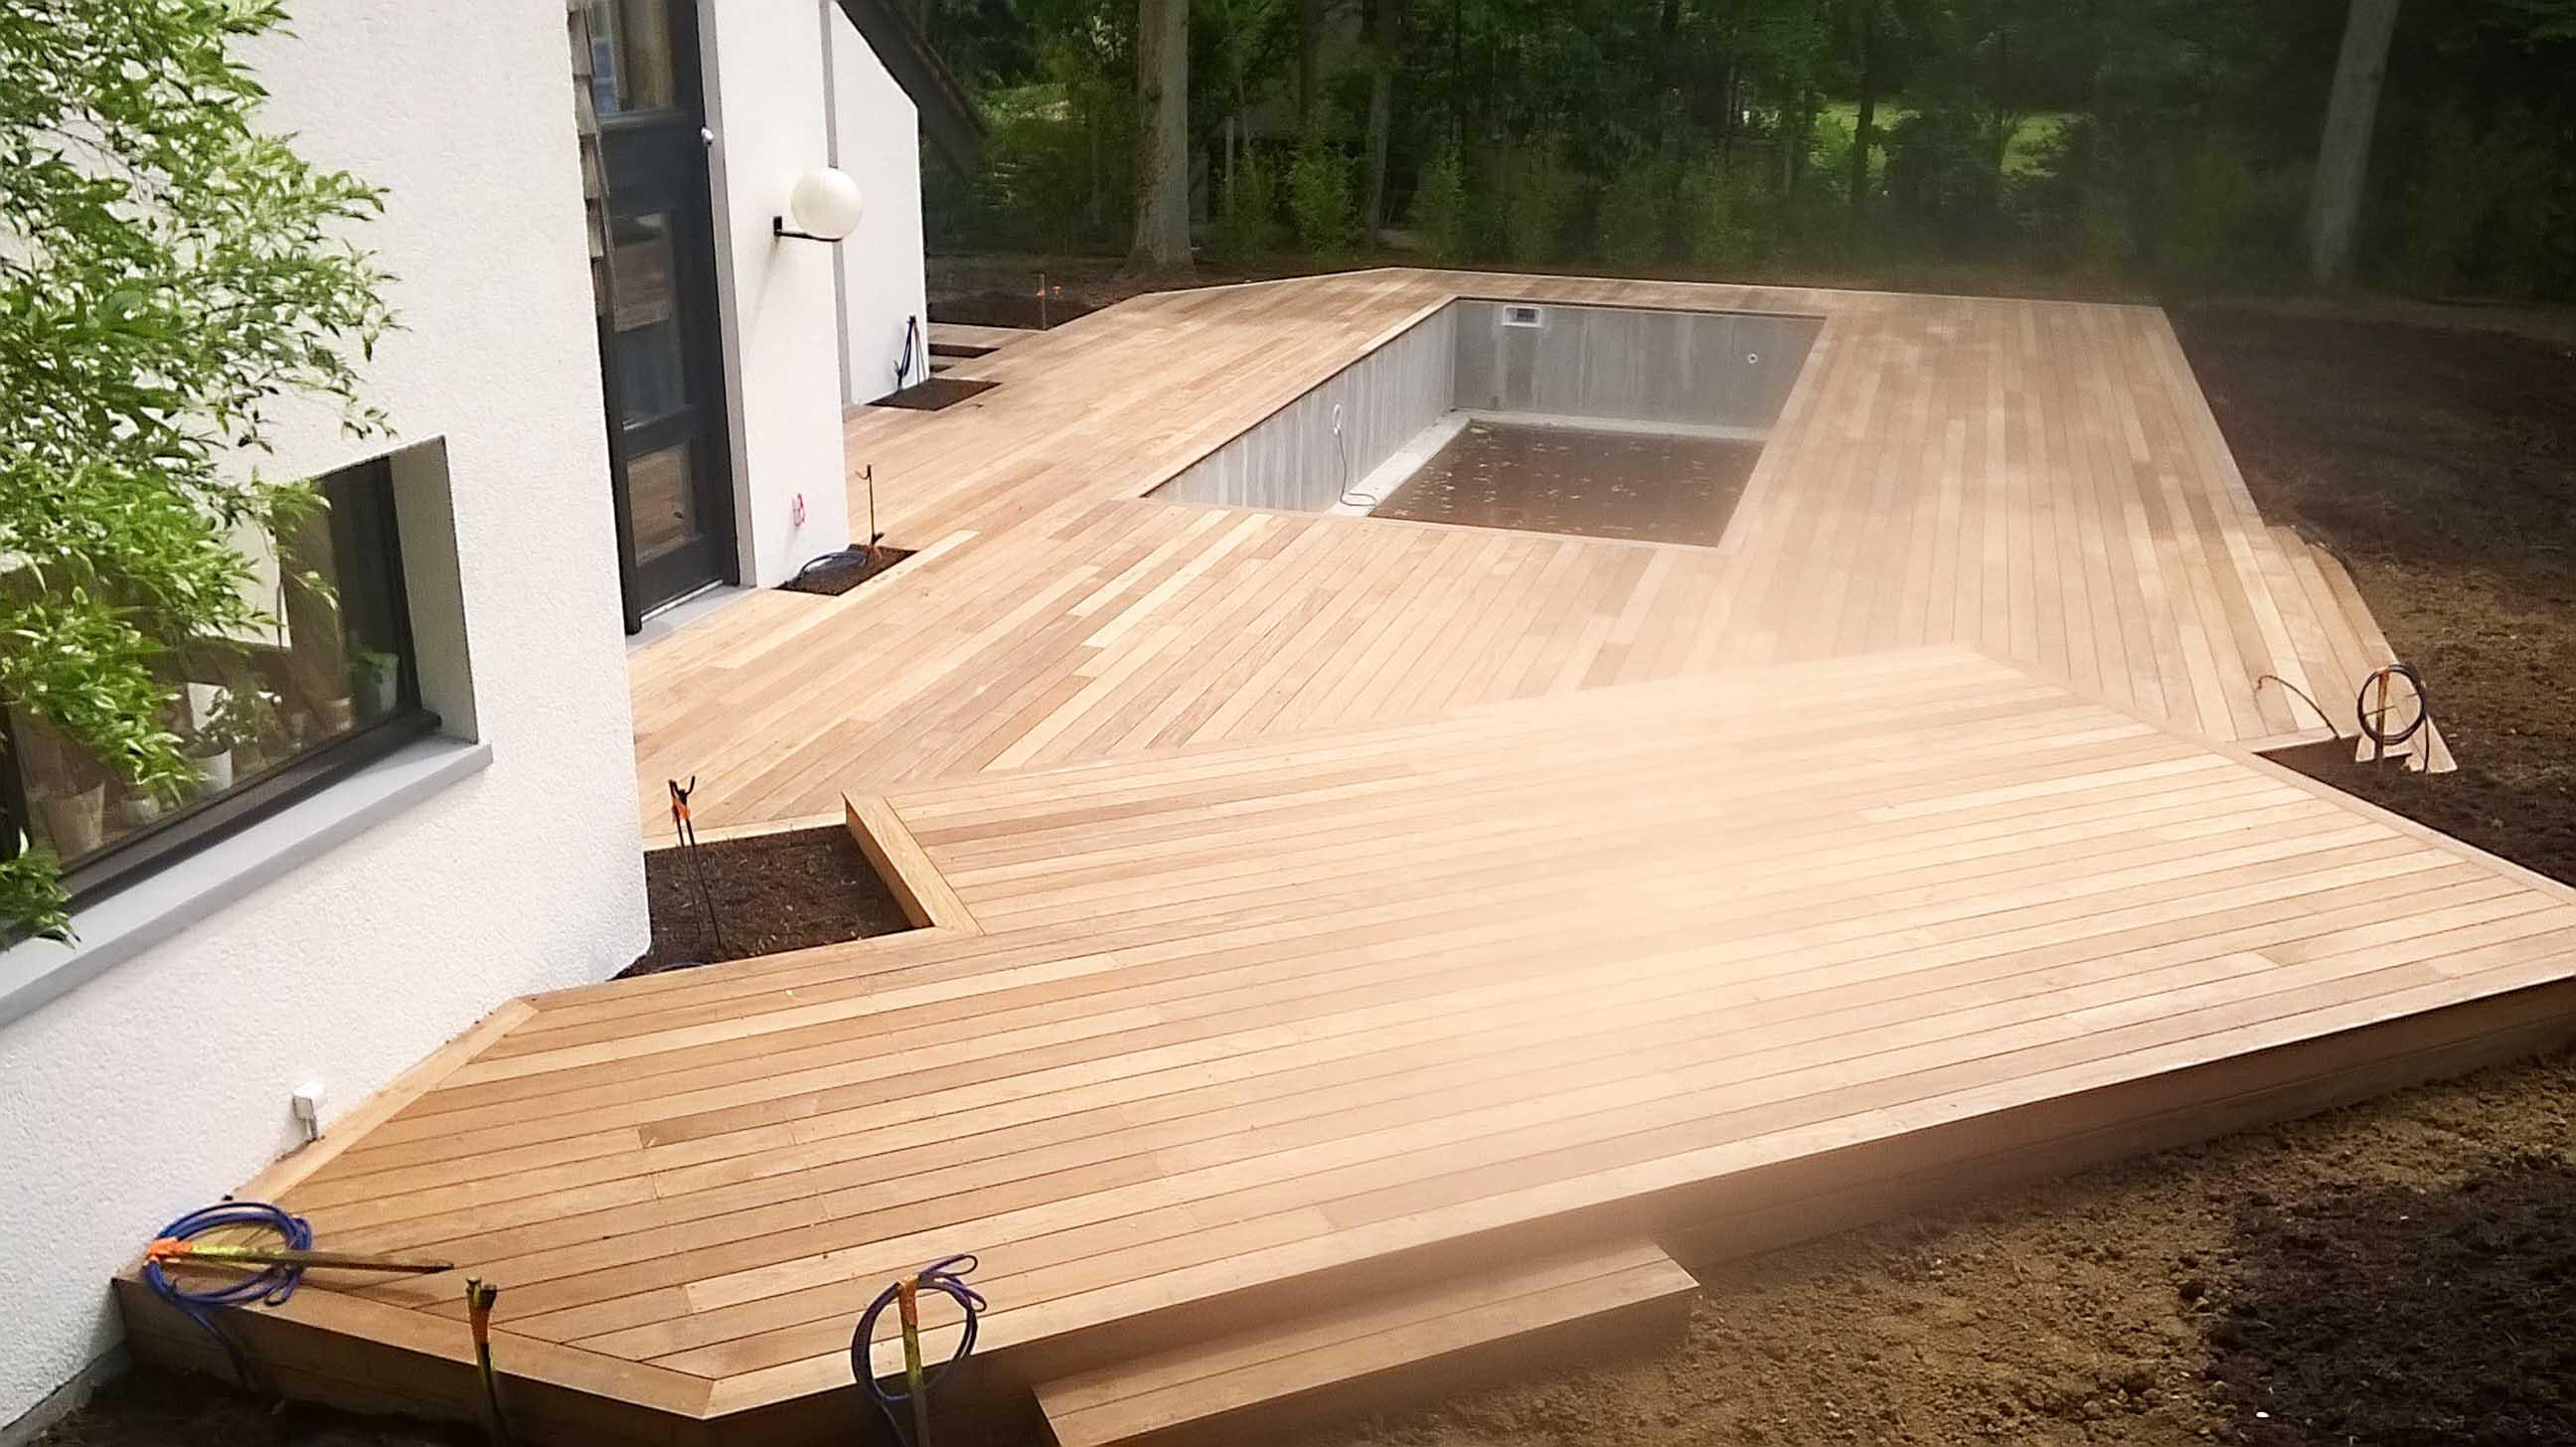 Réalisation d'une terrasse bois ipe 3, Nantes